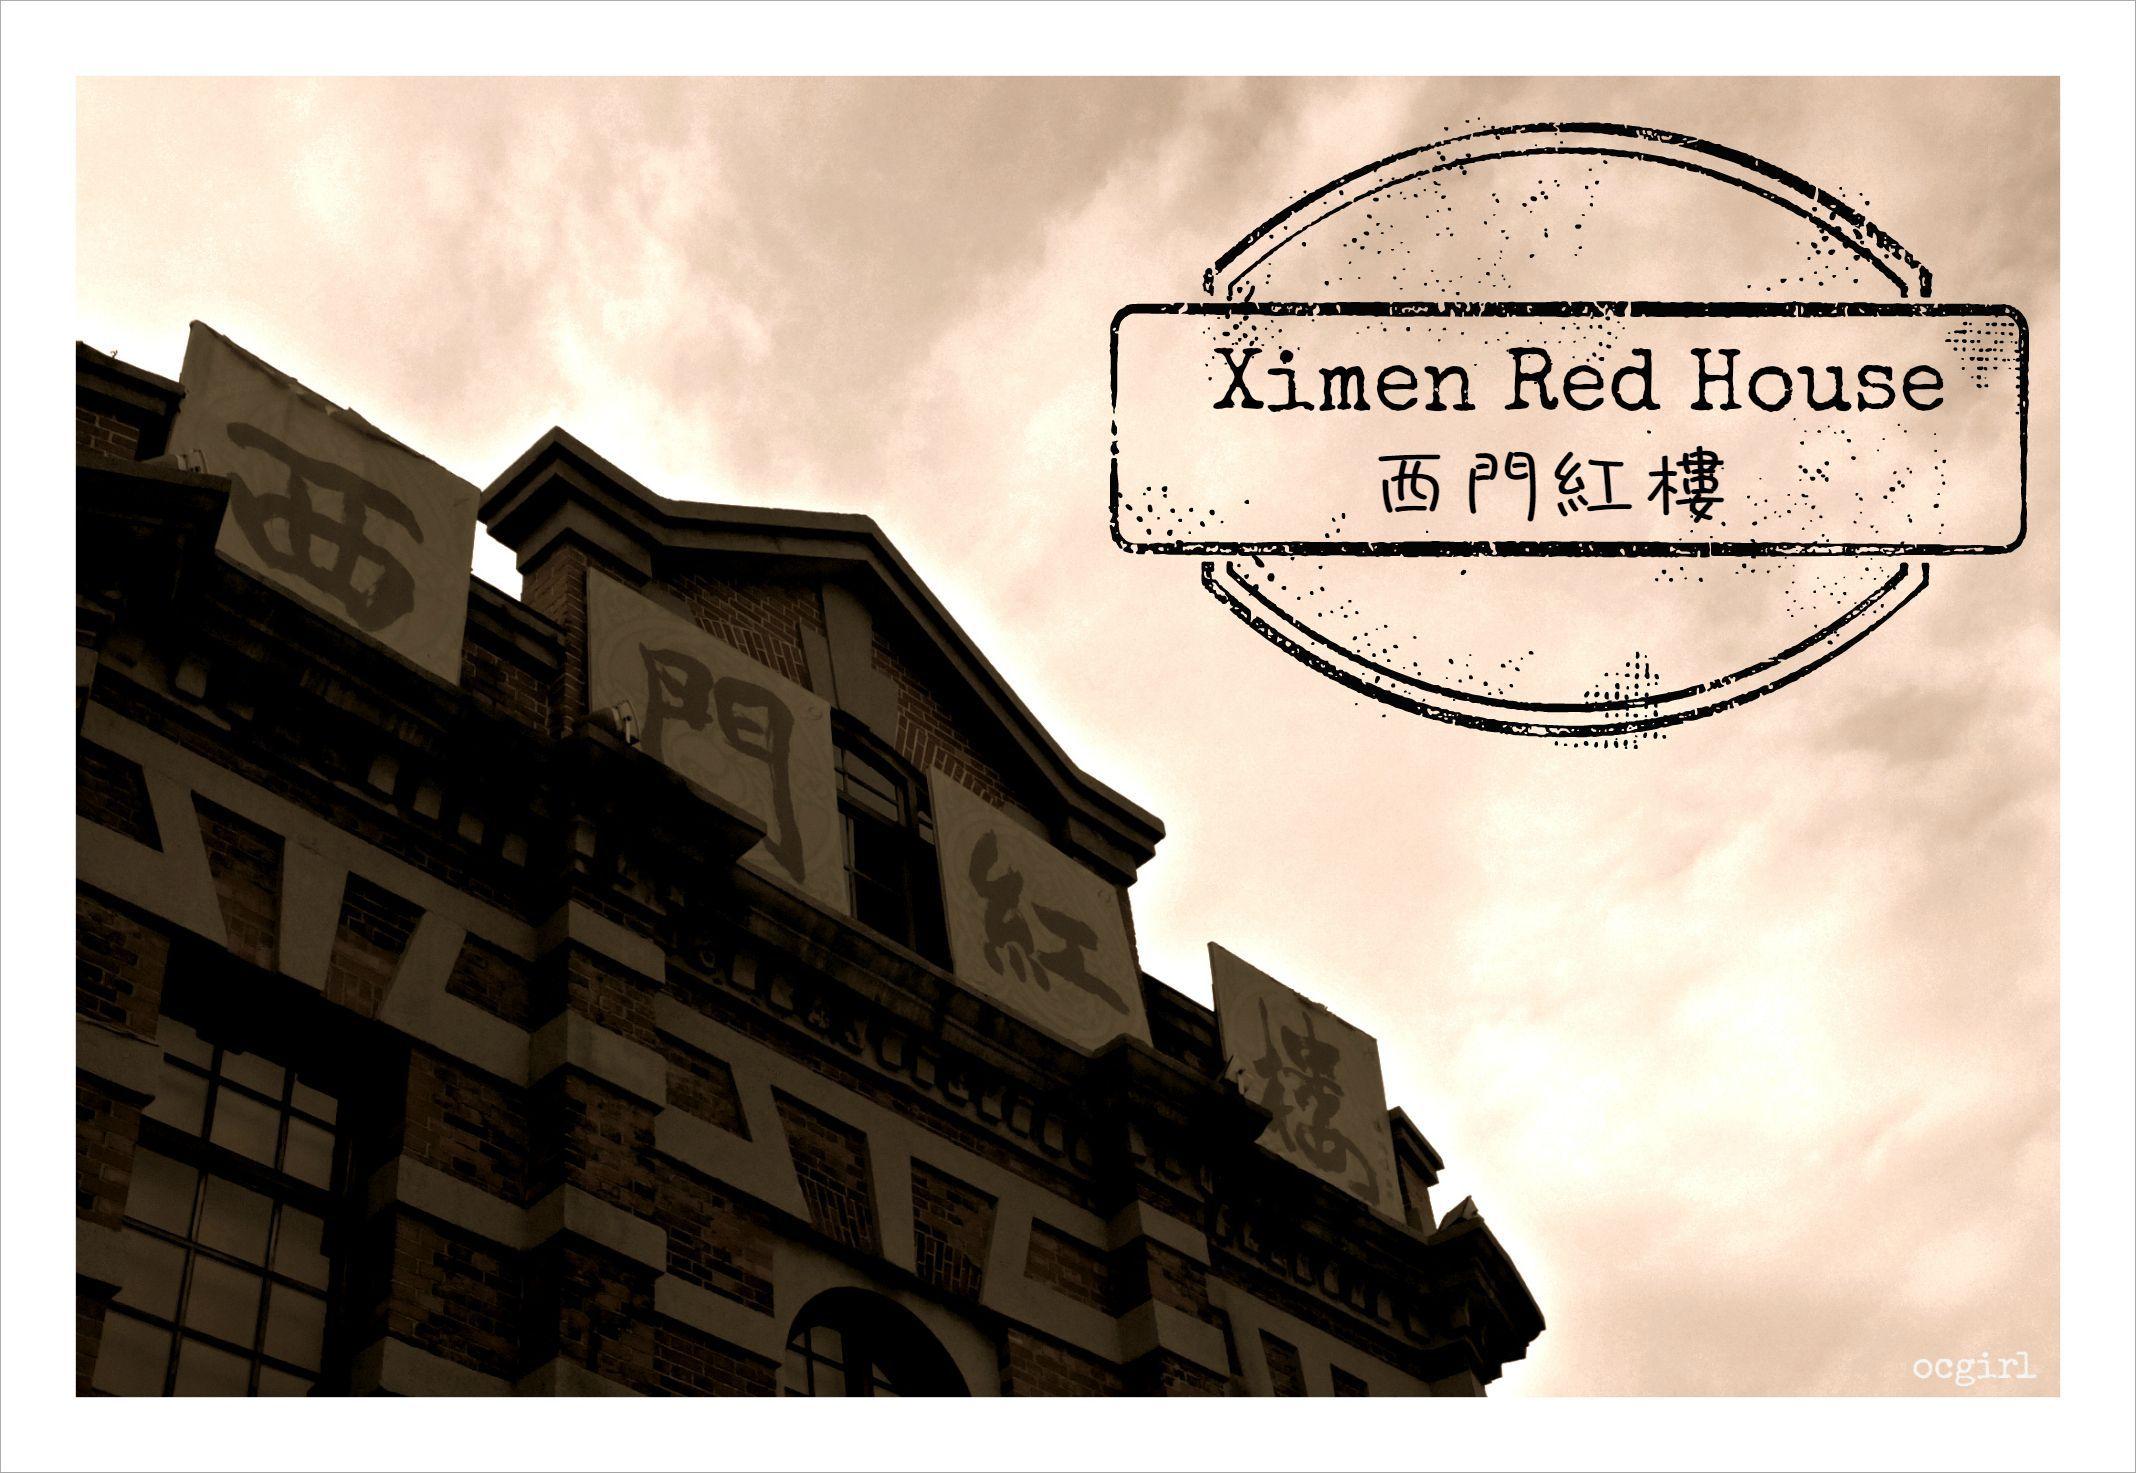 Ximen Red House 西門紅樓[Taiwan] Ximen Red House 西門紅樓